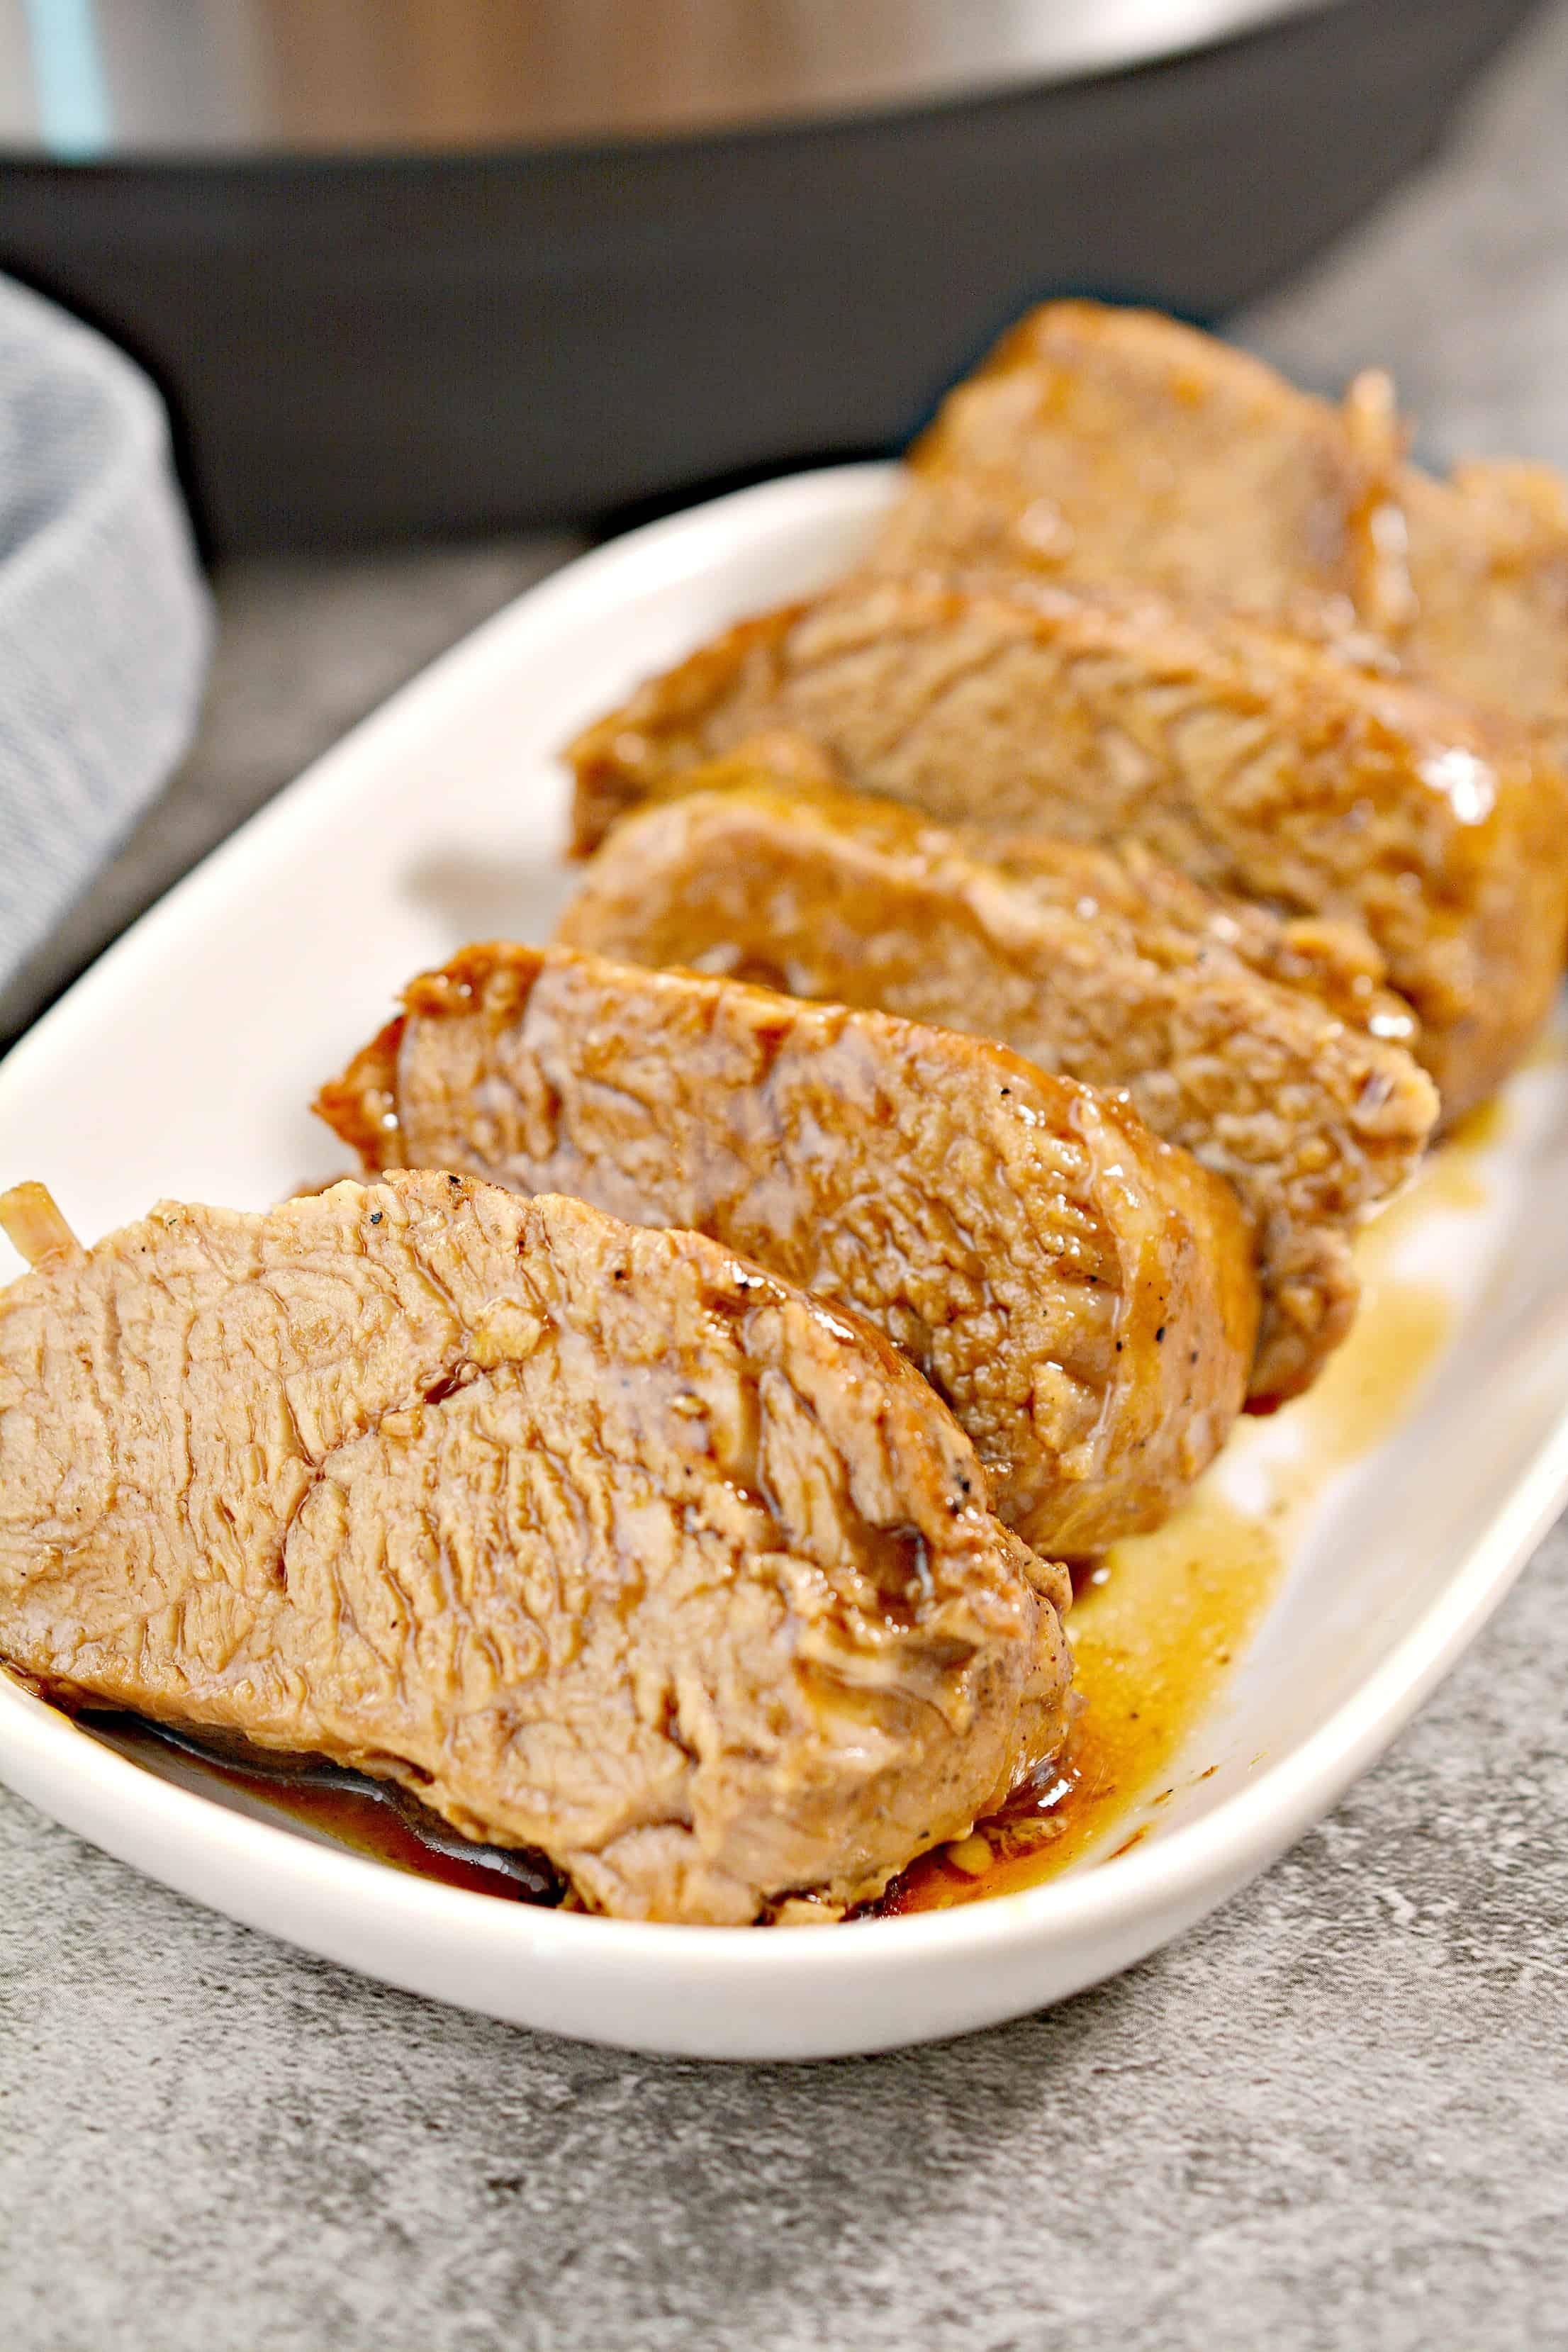 close up of pork tenderloin